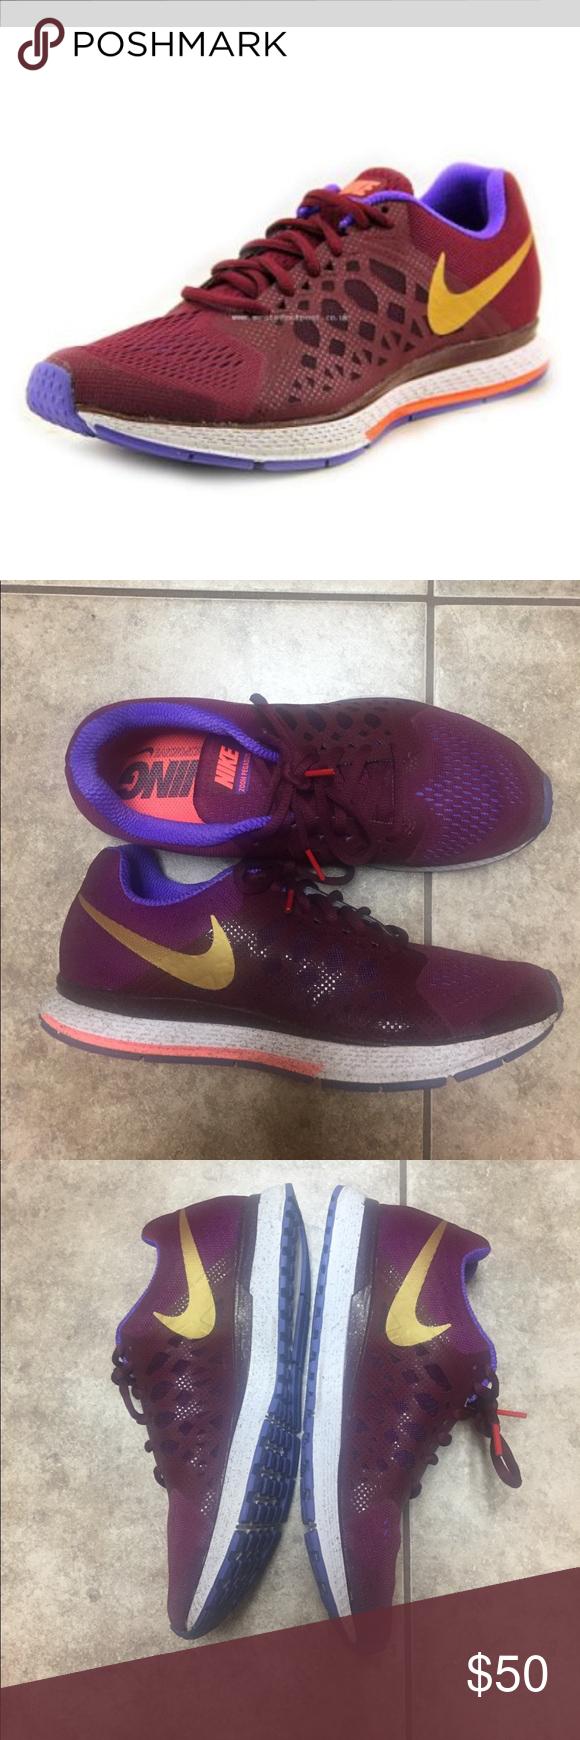 Nike Pegasus 31 Running Shoes